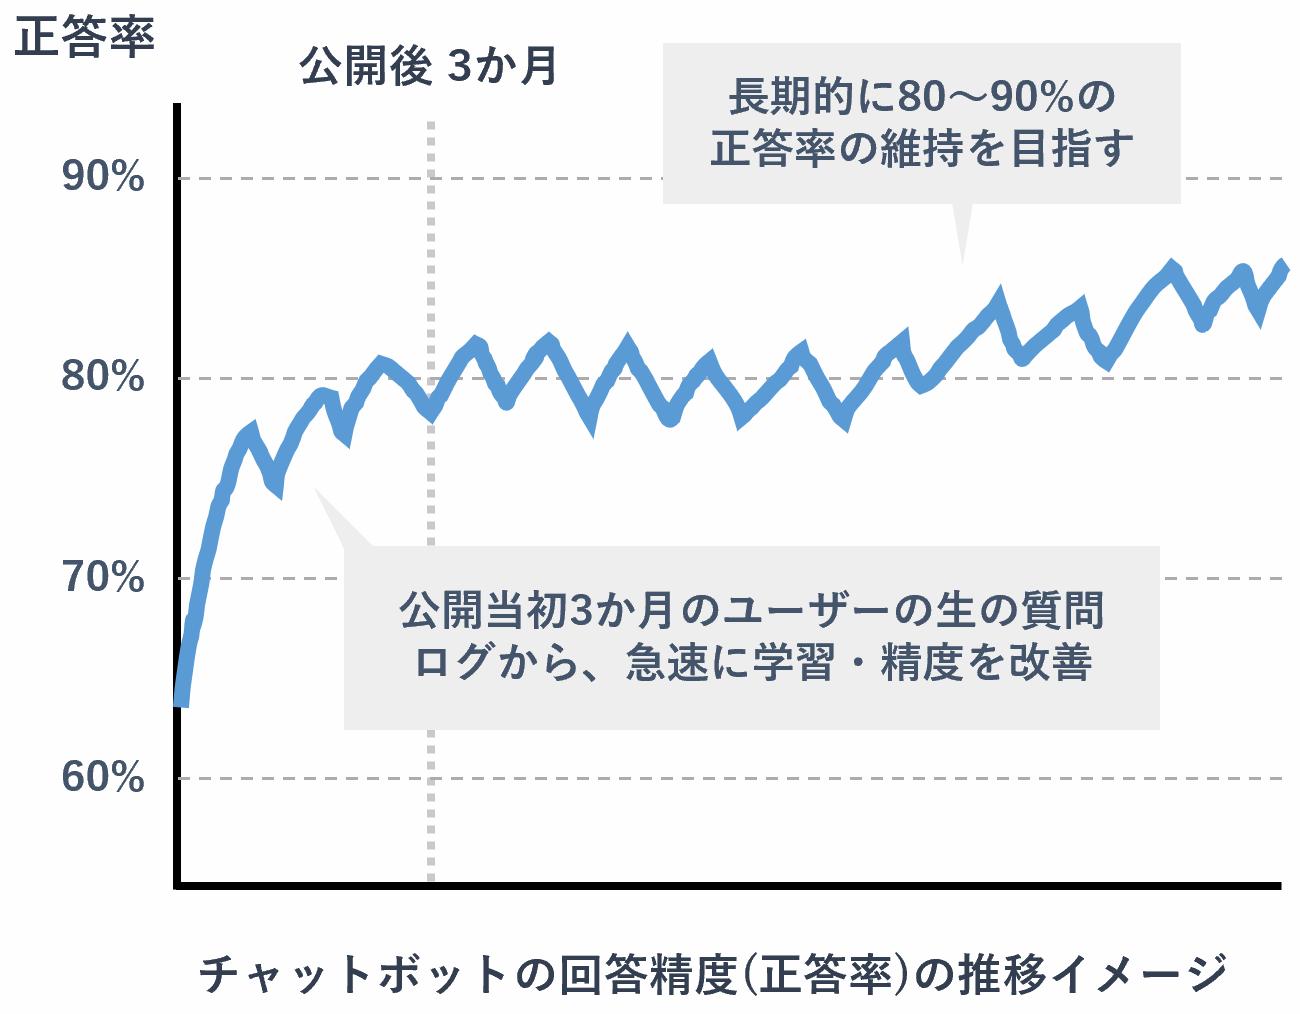 チャットボットの回答精度(正答率)の推移イメージ